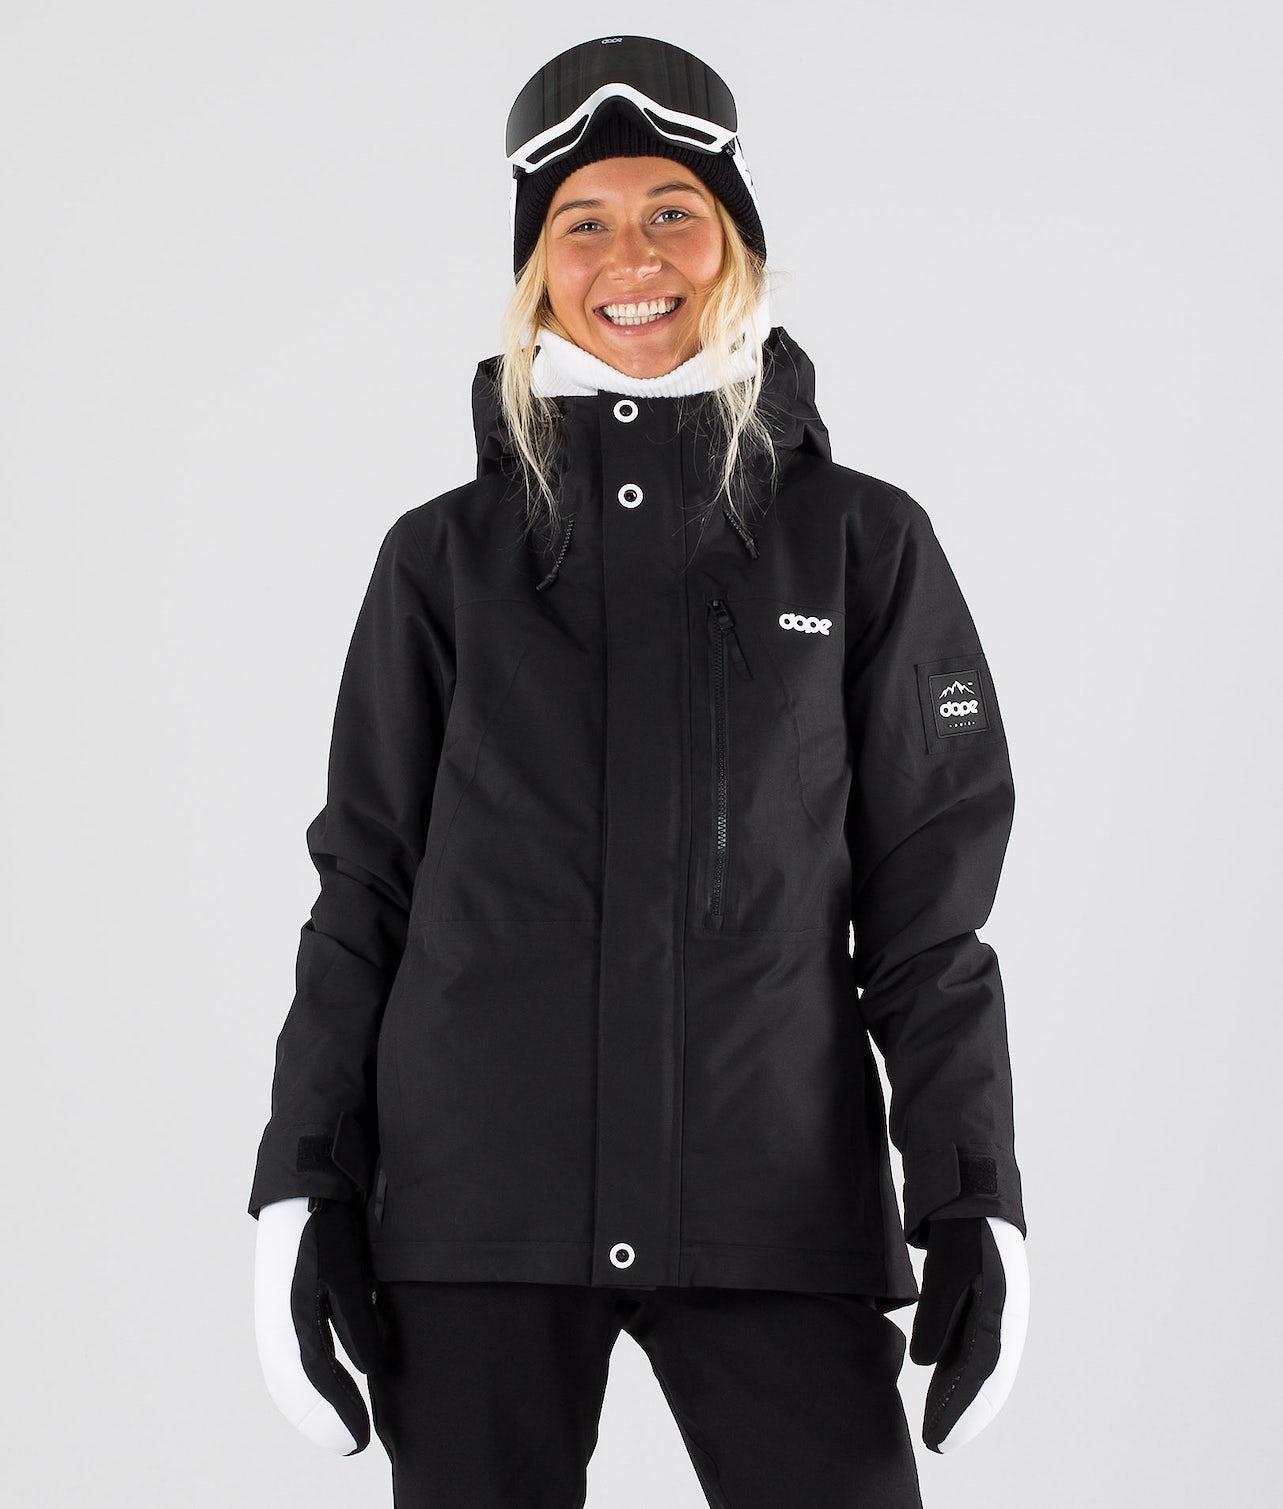 Kjøp Divine Skijakke fra Dope på Ridestore.no - Hos oss har du alltid fri frakt, fri retur og 30 dagers åpent kjøp!